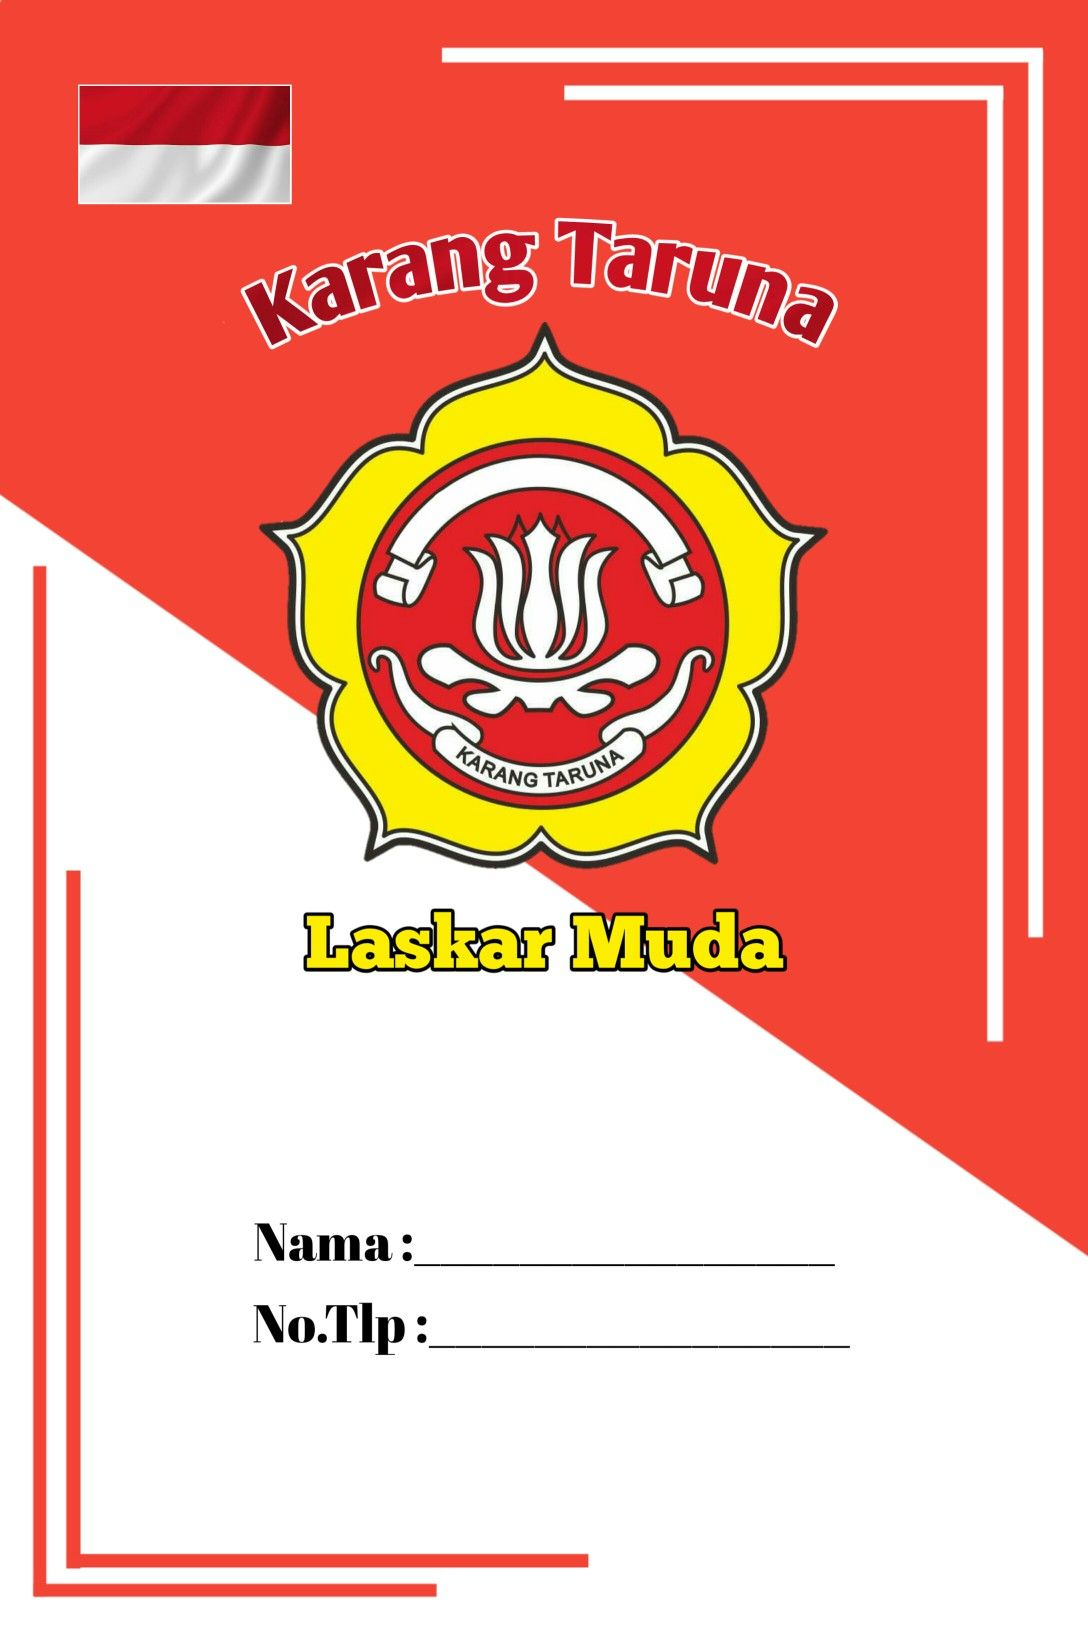 Karang Taruna Logo Png : karang, taruna, Karang, Taruna, Minimalis